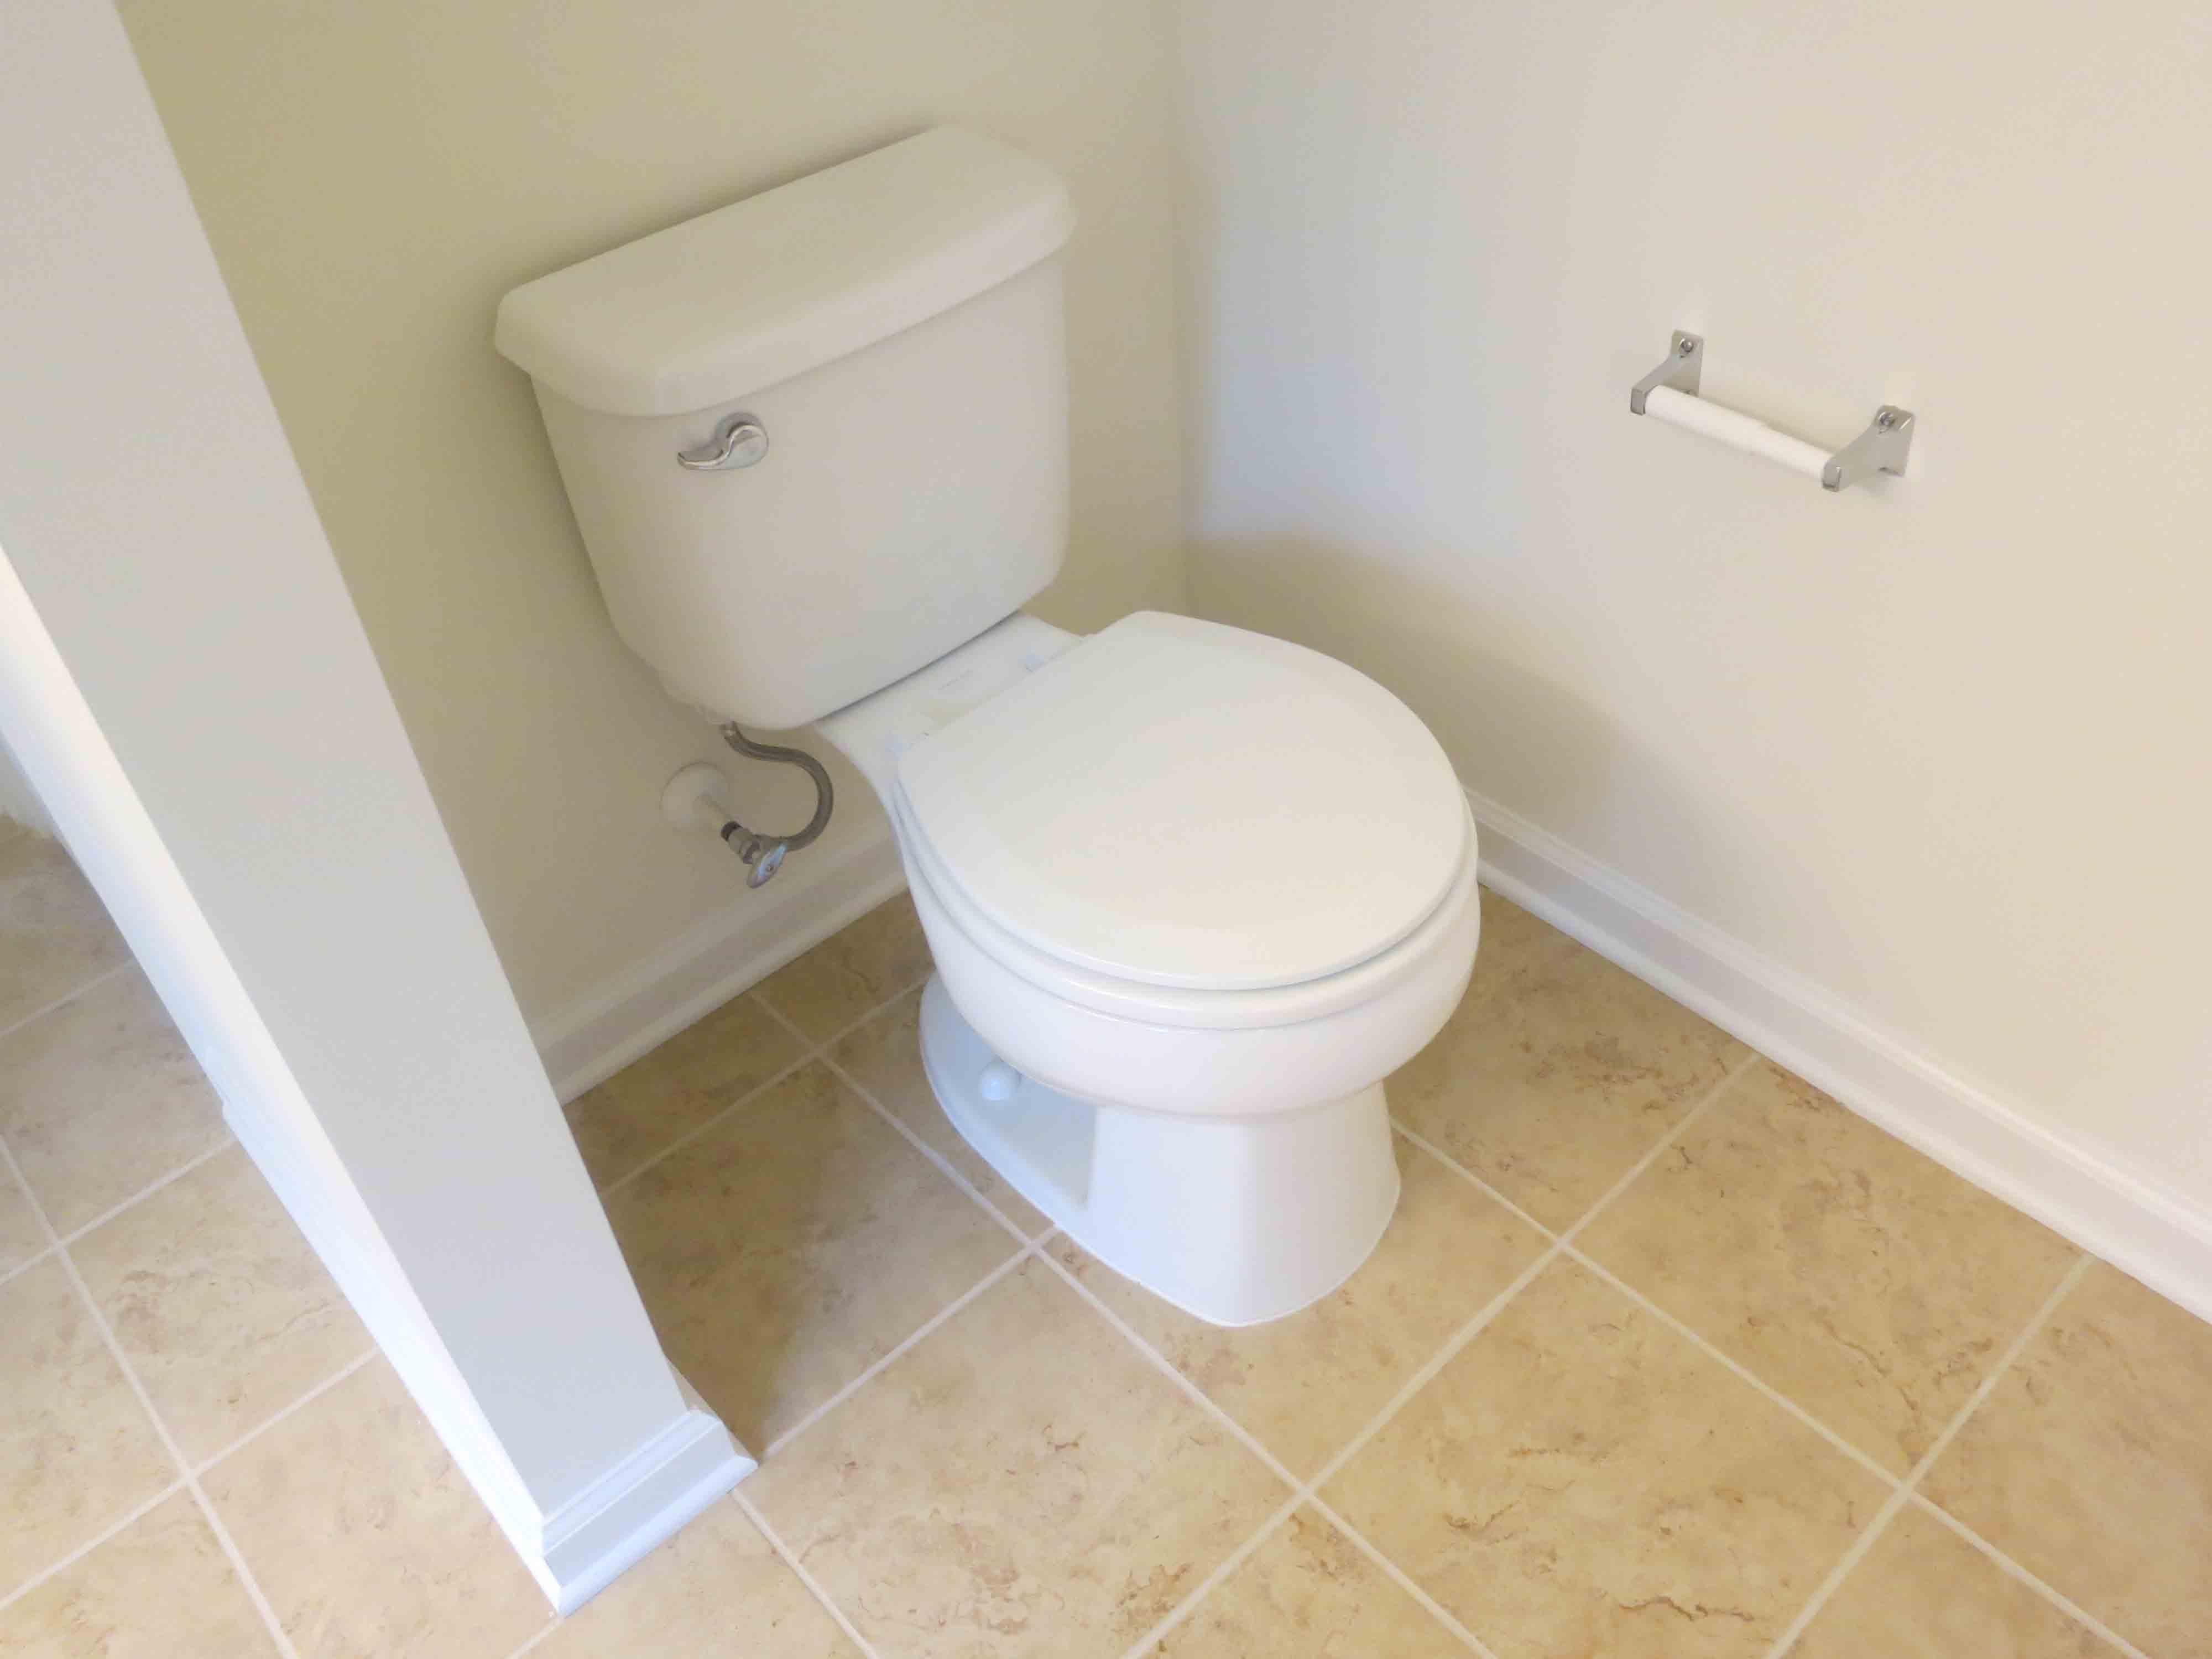 Restroom Cleaning Carteret